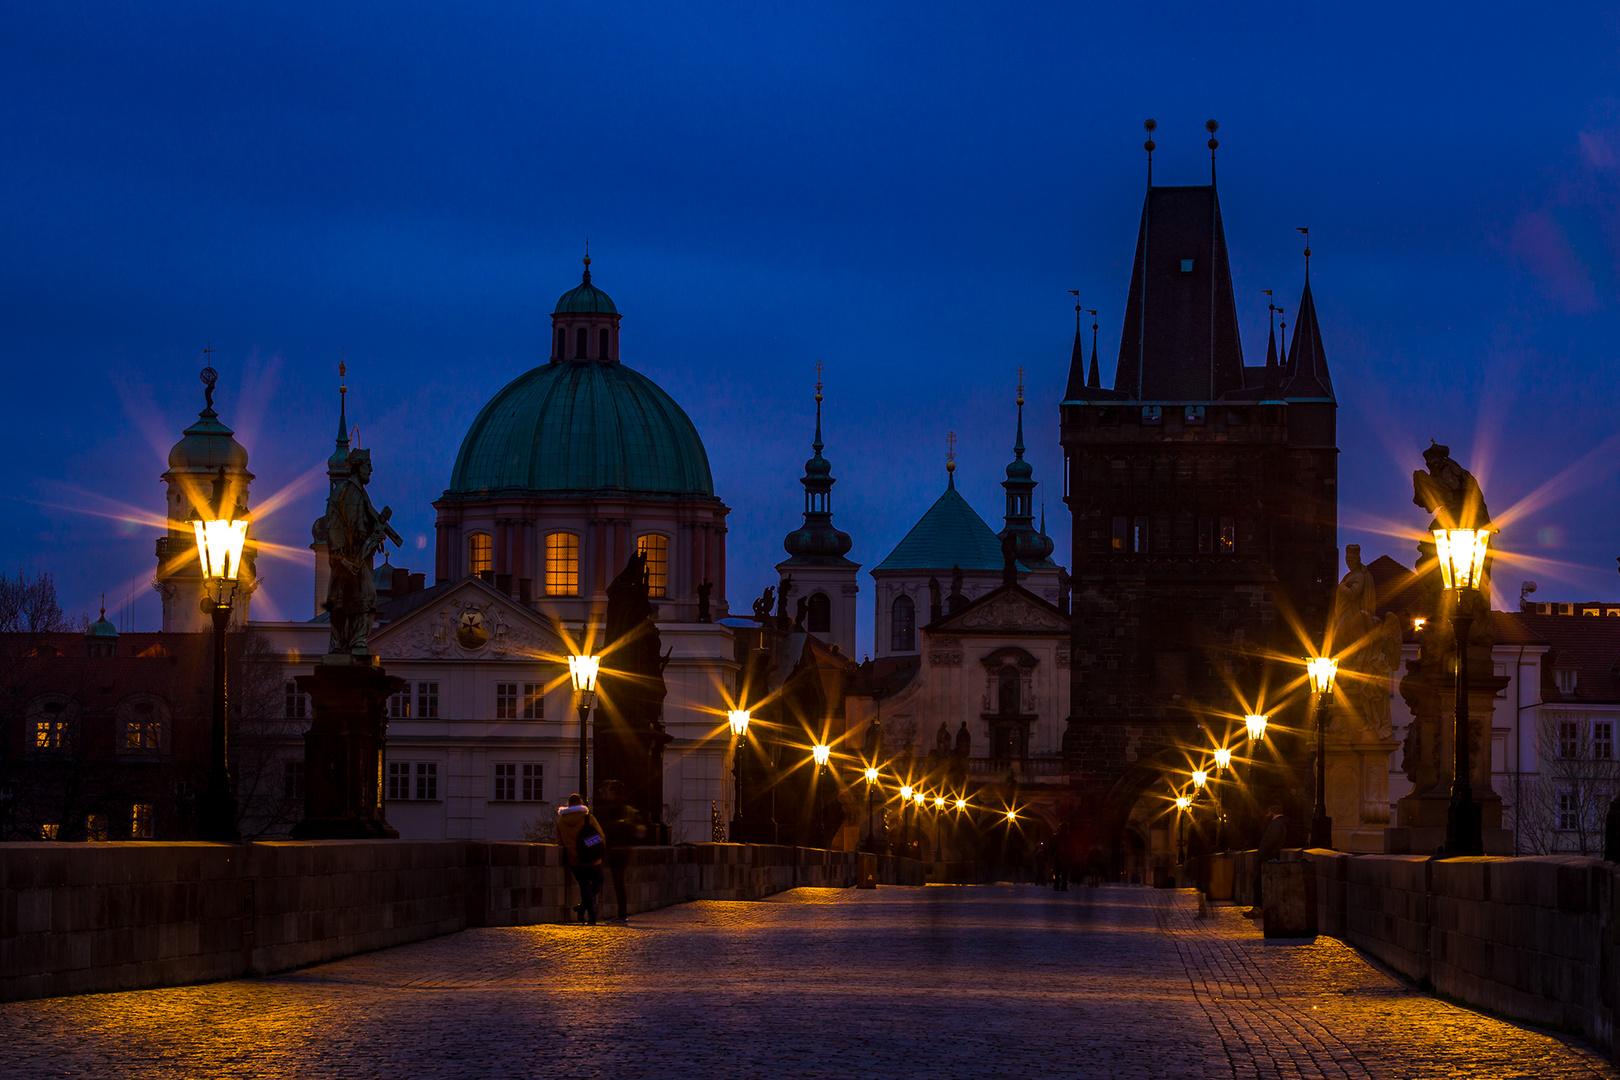 Licht in der Kreuzherren Kirche